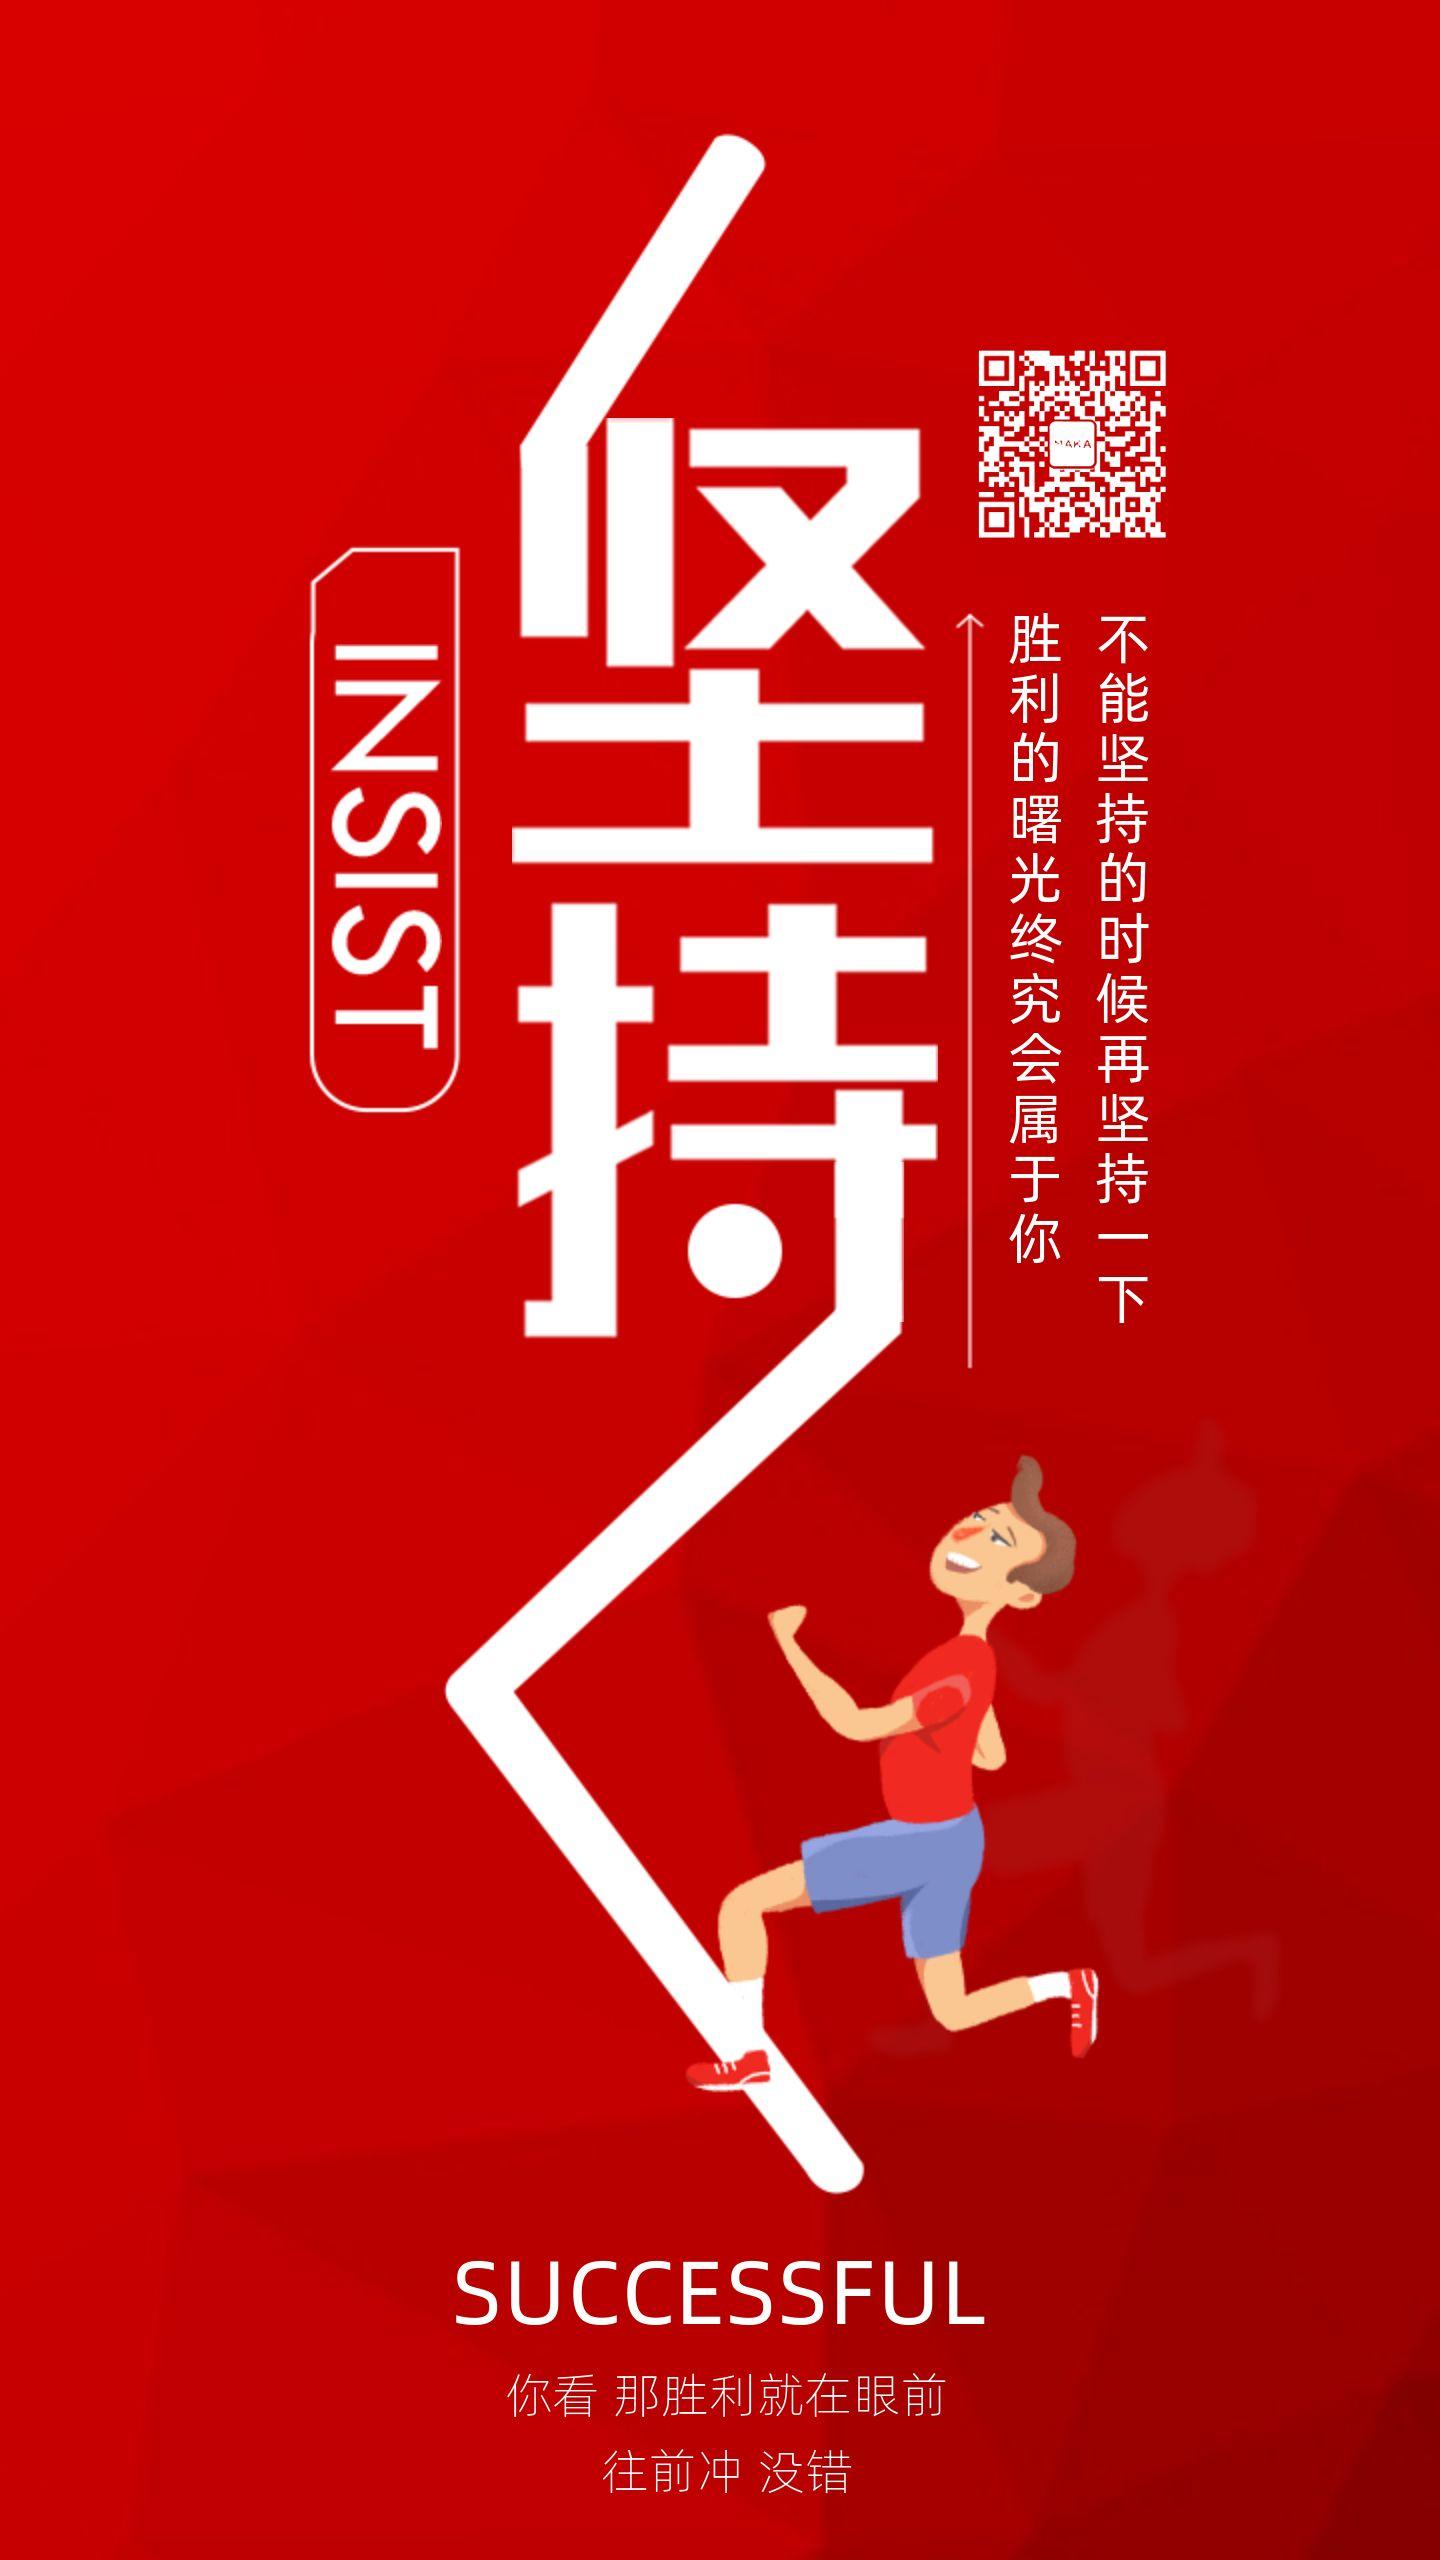 简约大气红色卡通坚持就是胜利励志宣传朋友圈早安日签宣传海报